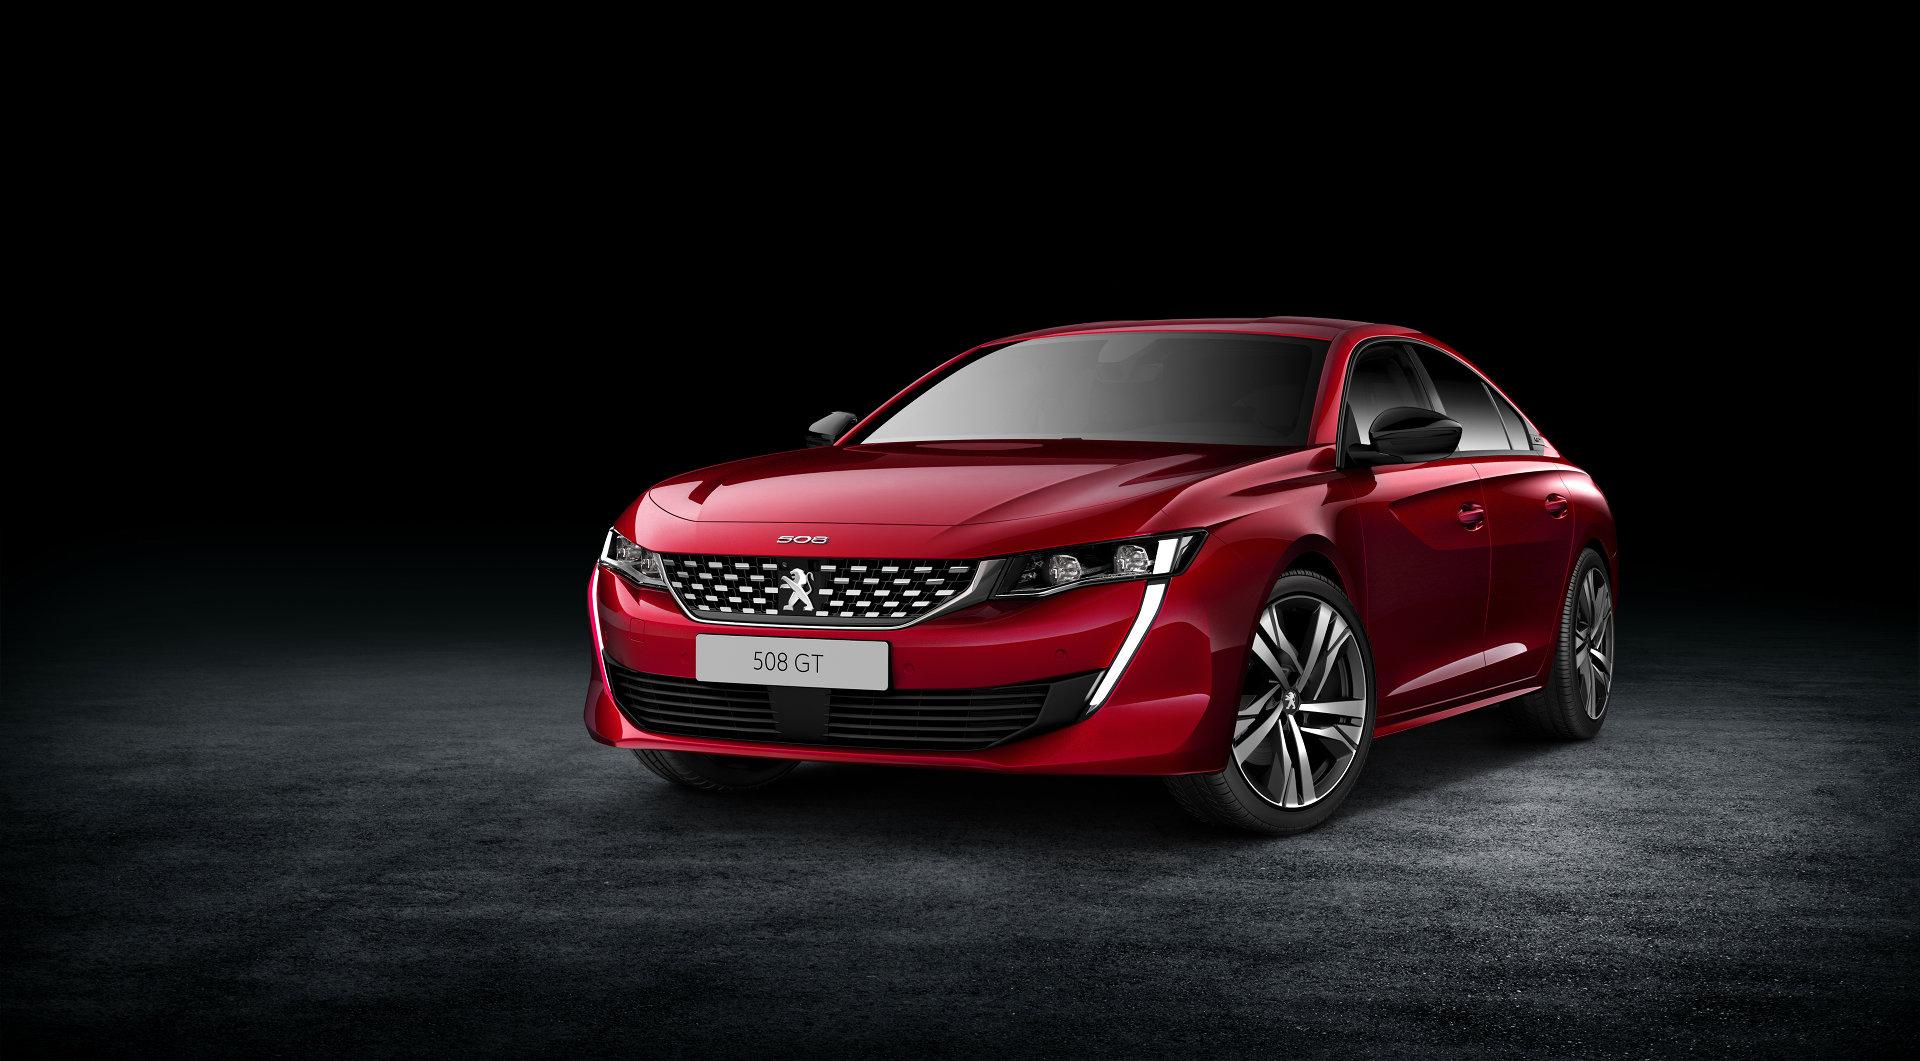 Llega el nuevo Peugeot 508